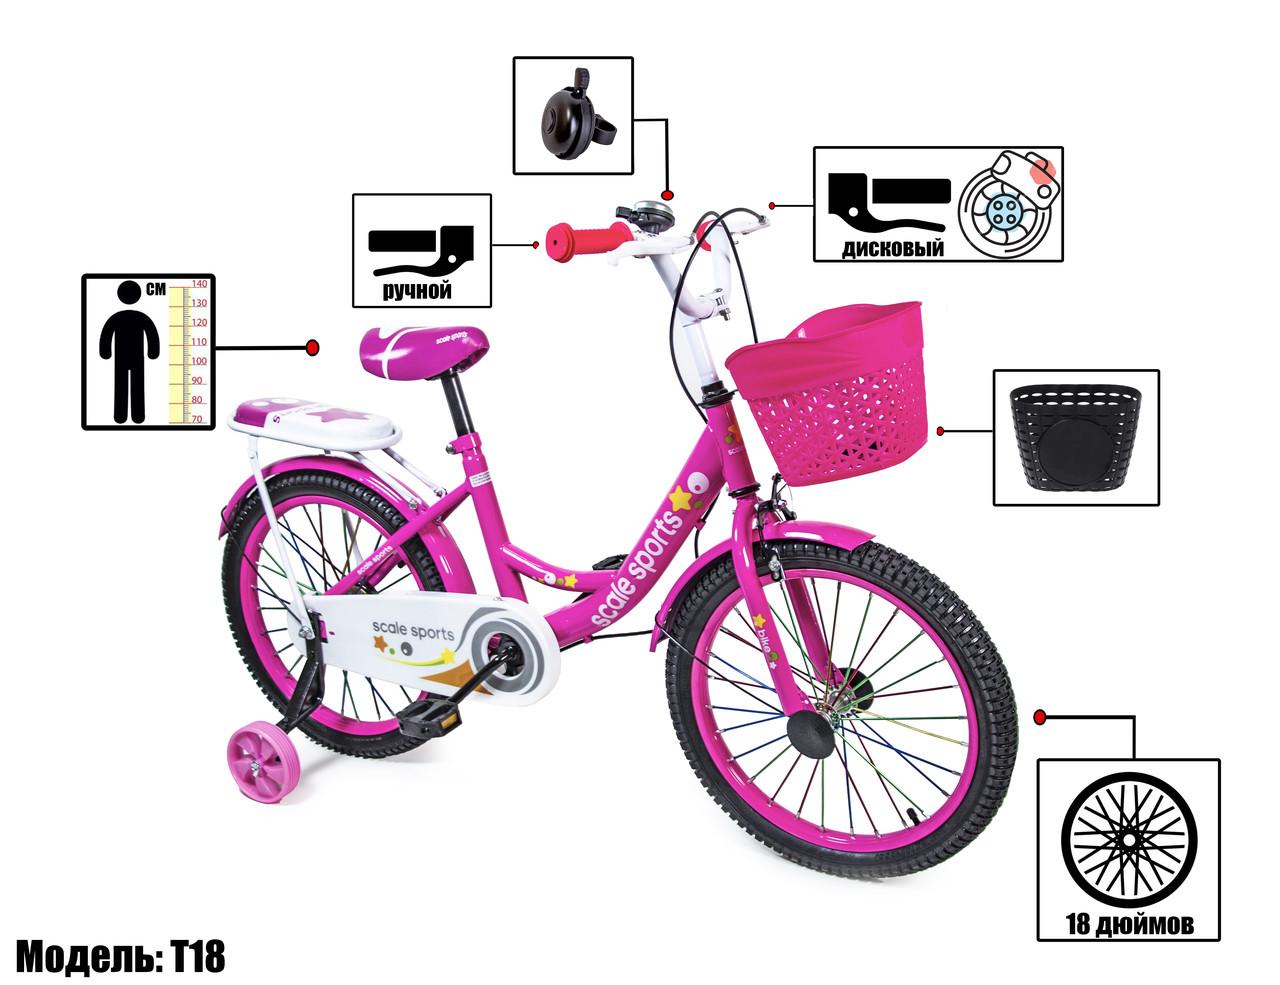 """Велосипед 18 """"Scale Sports"""" Рожевий T18, Ручний і Дискові Гальма"""